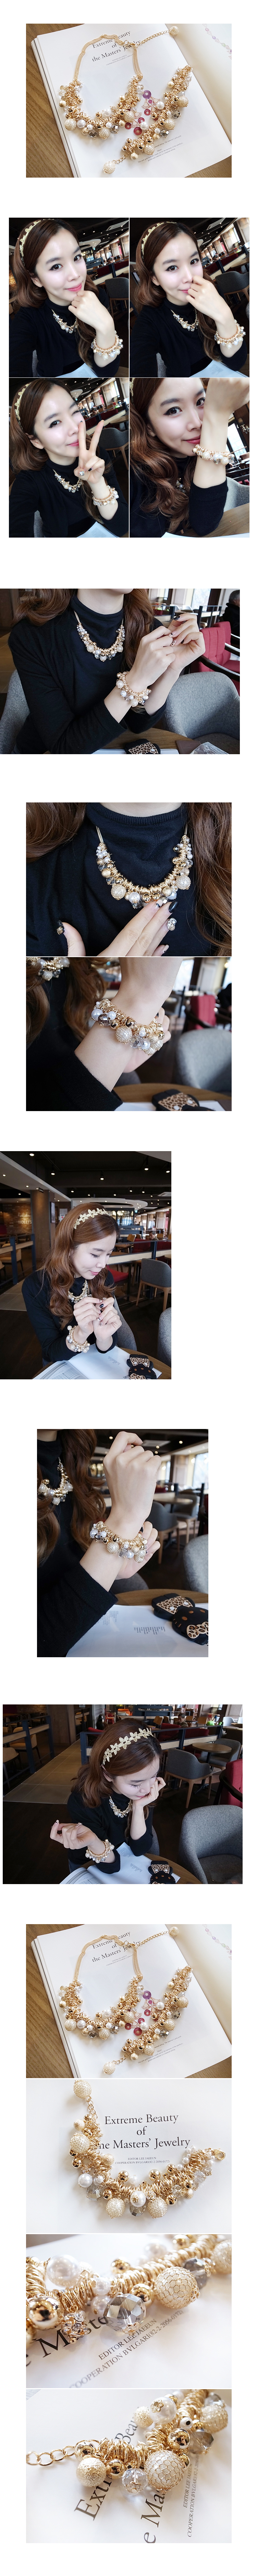 韓國 NaniWorld 宮廷風綴珠項鍊 #2723